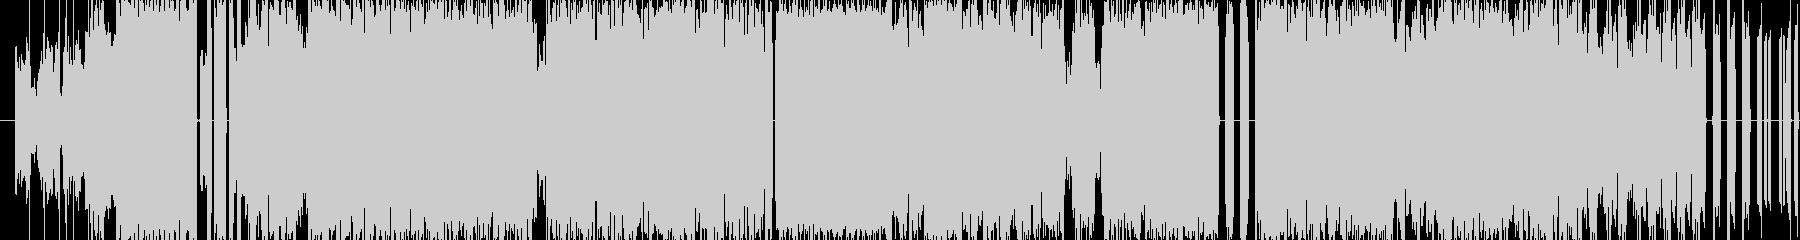 エレクトロハウス系の楽曲です。さまざま…の未再生の波形